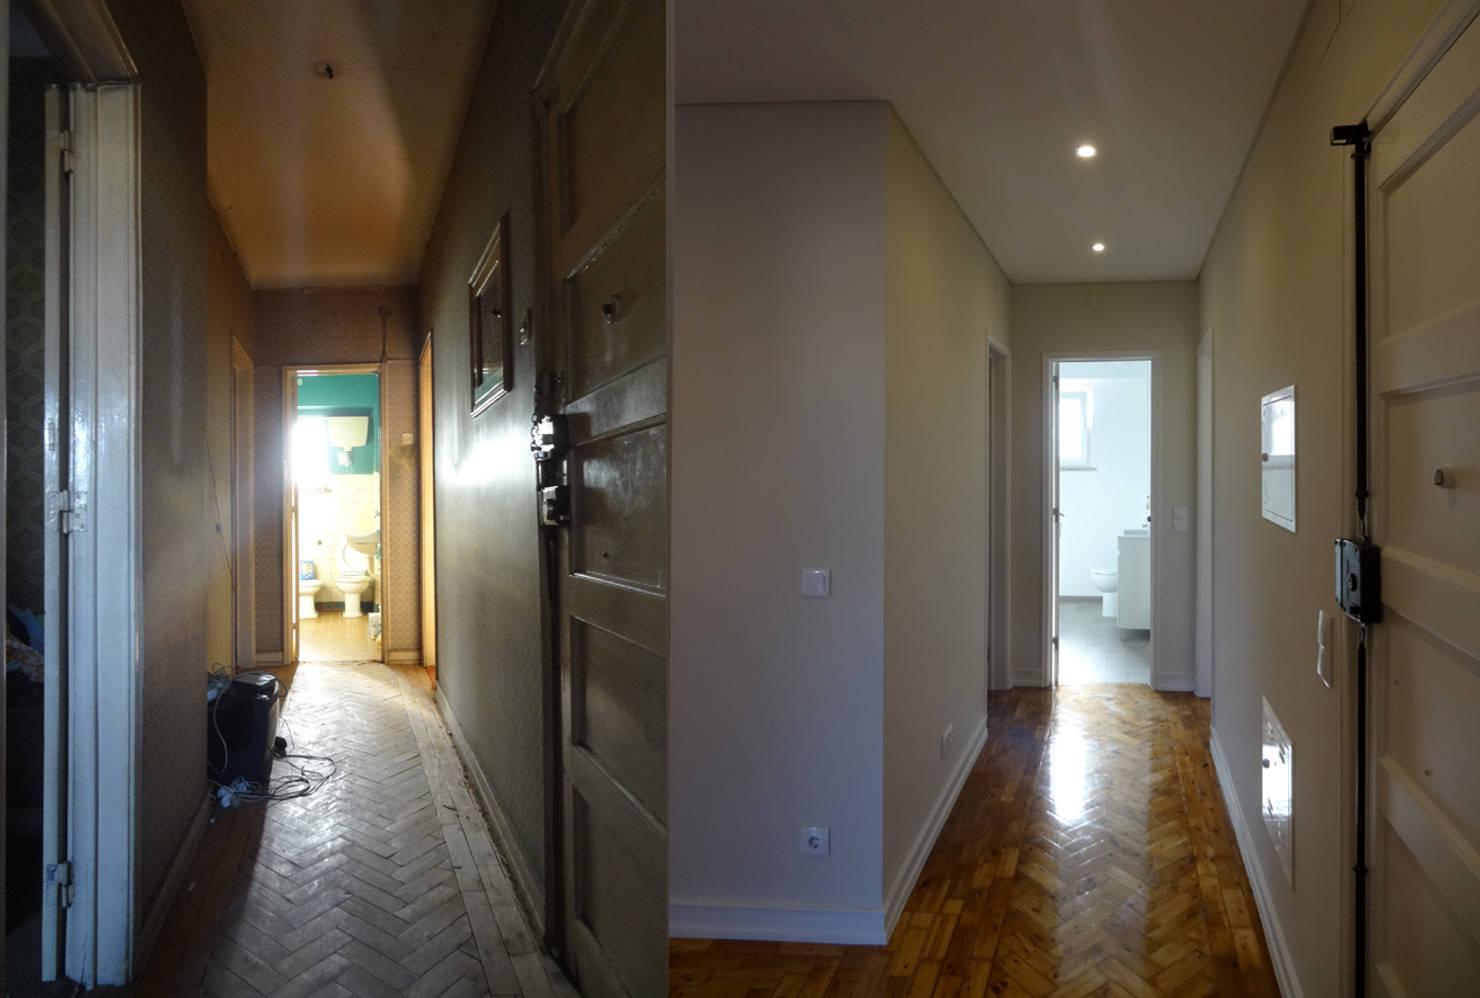 改造前後:這間公寓讓你認不出是同一間